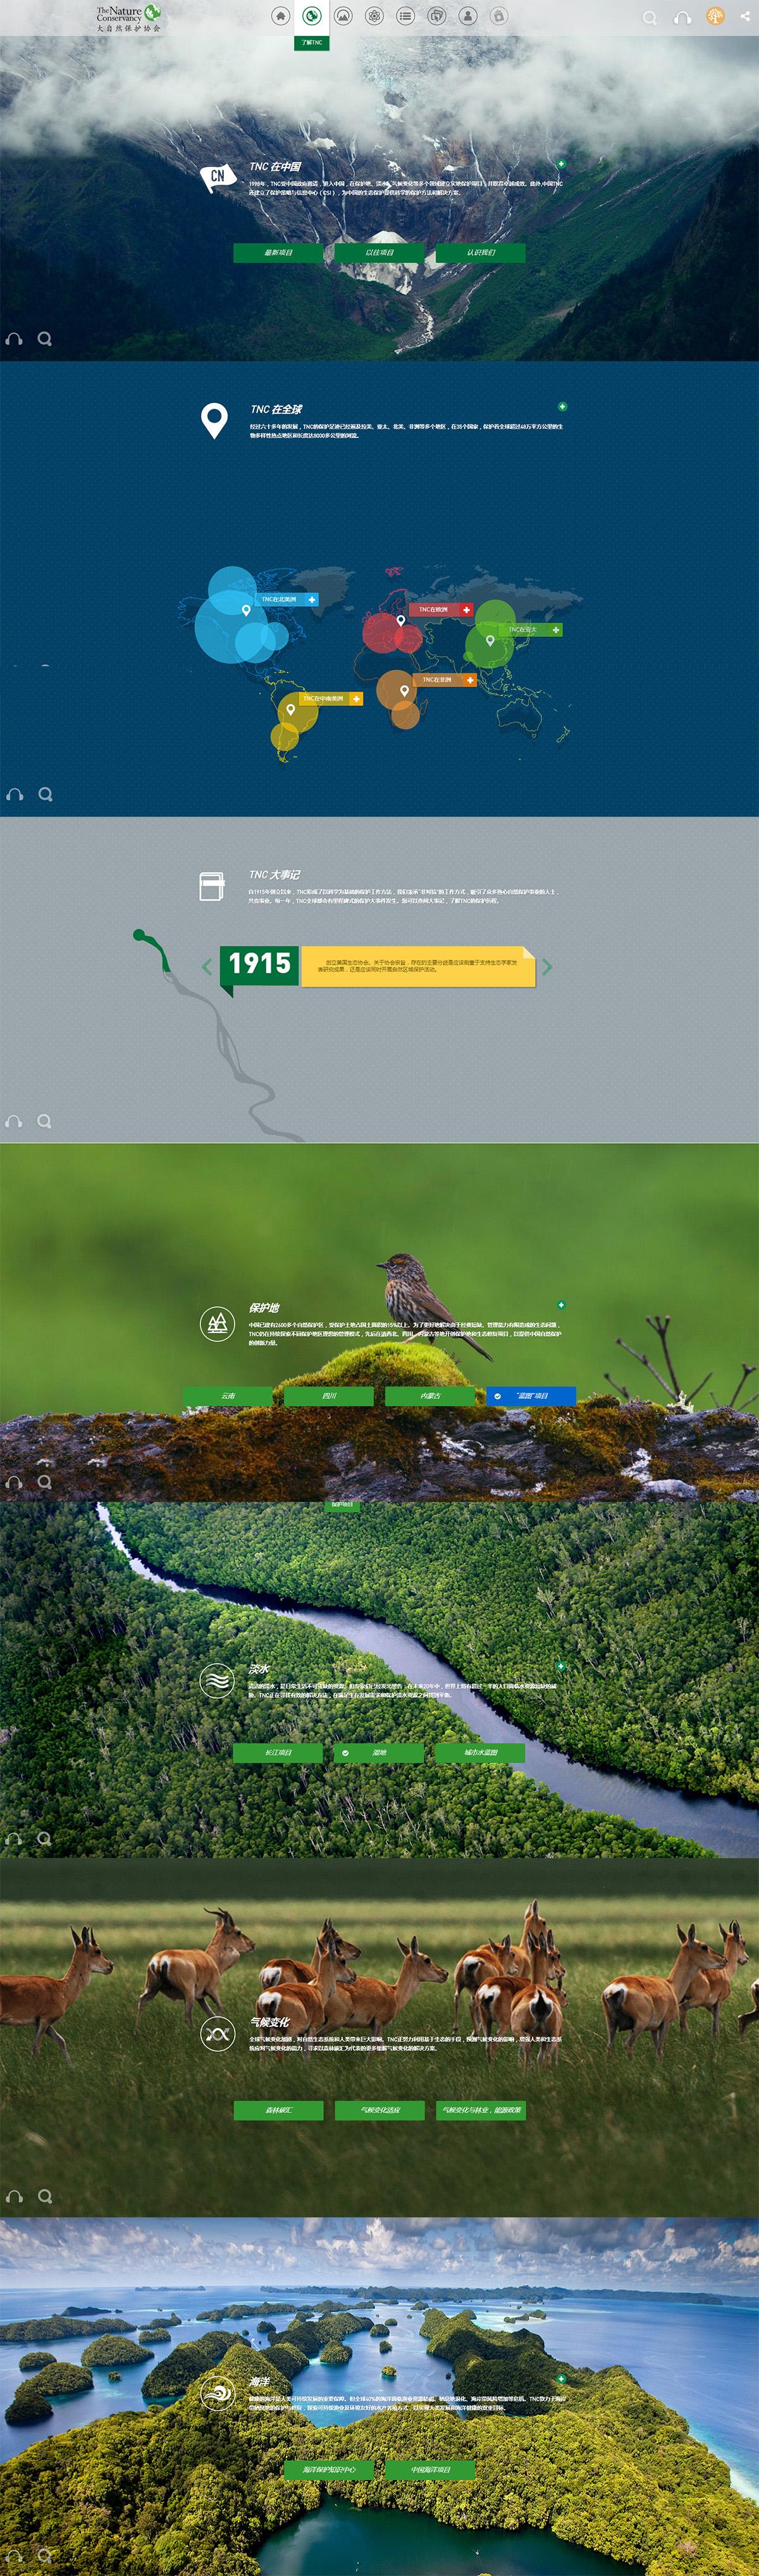 大自然保护协会网站案例